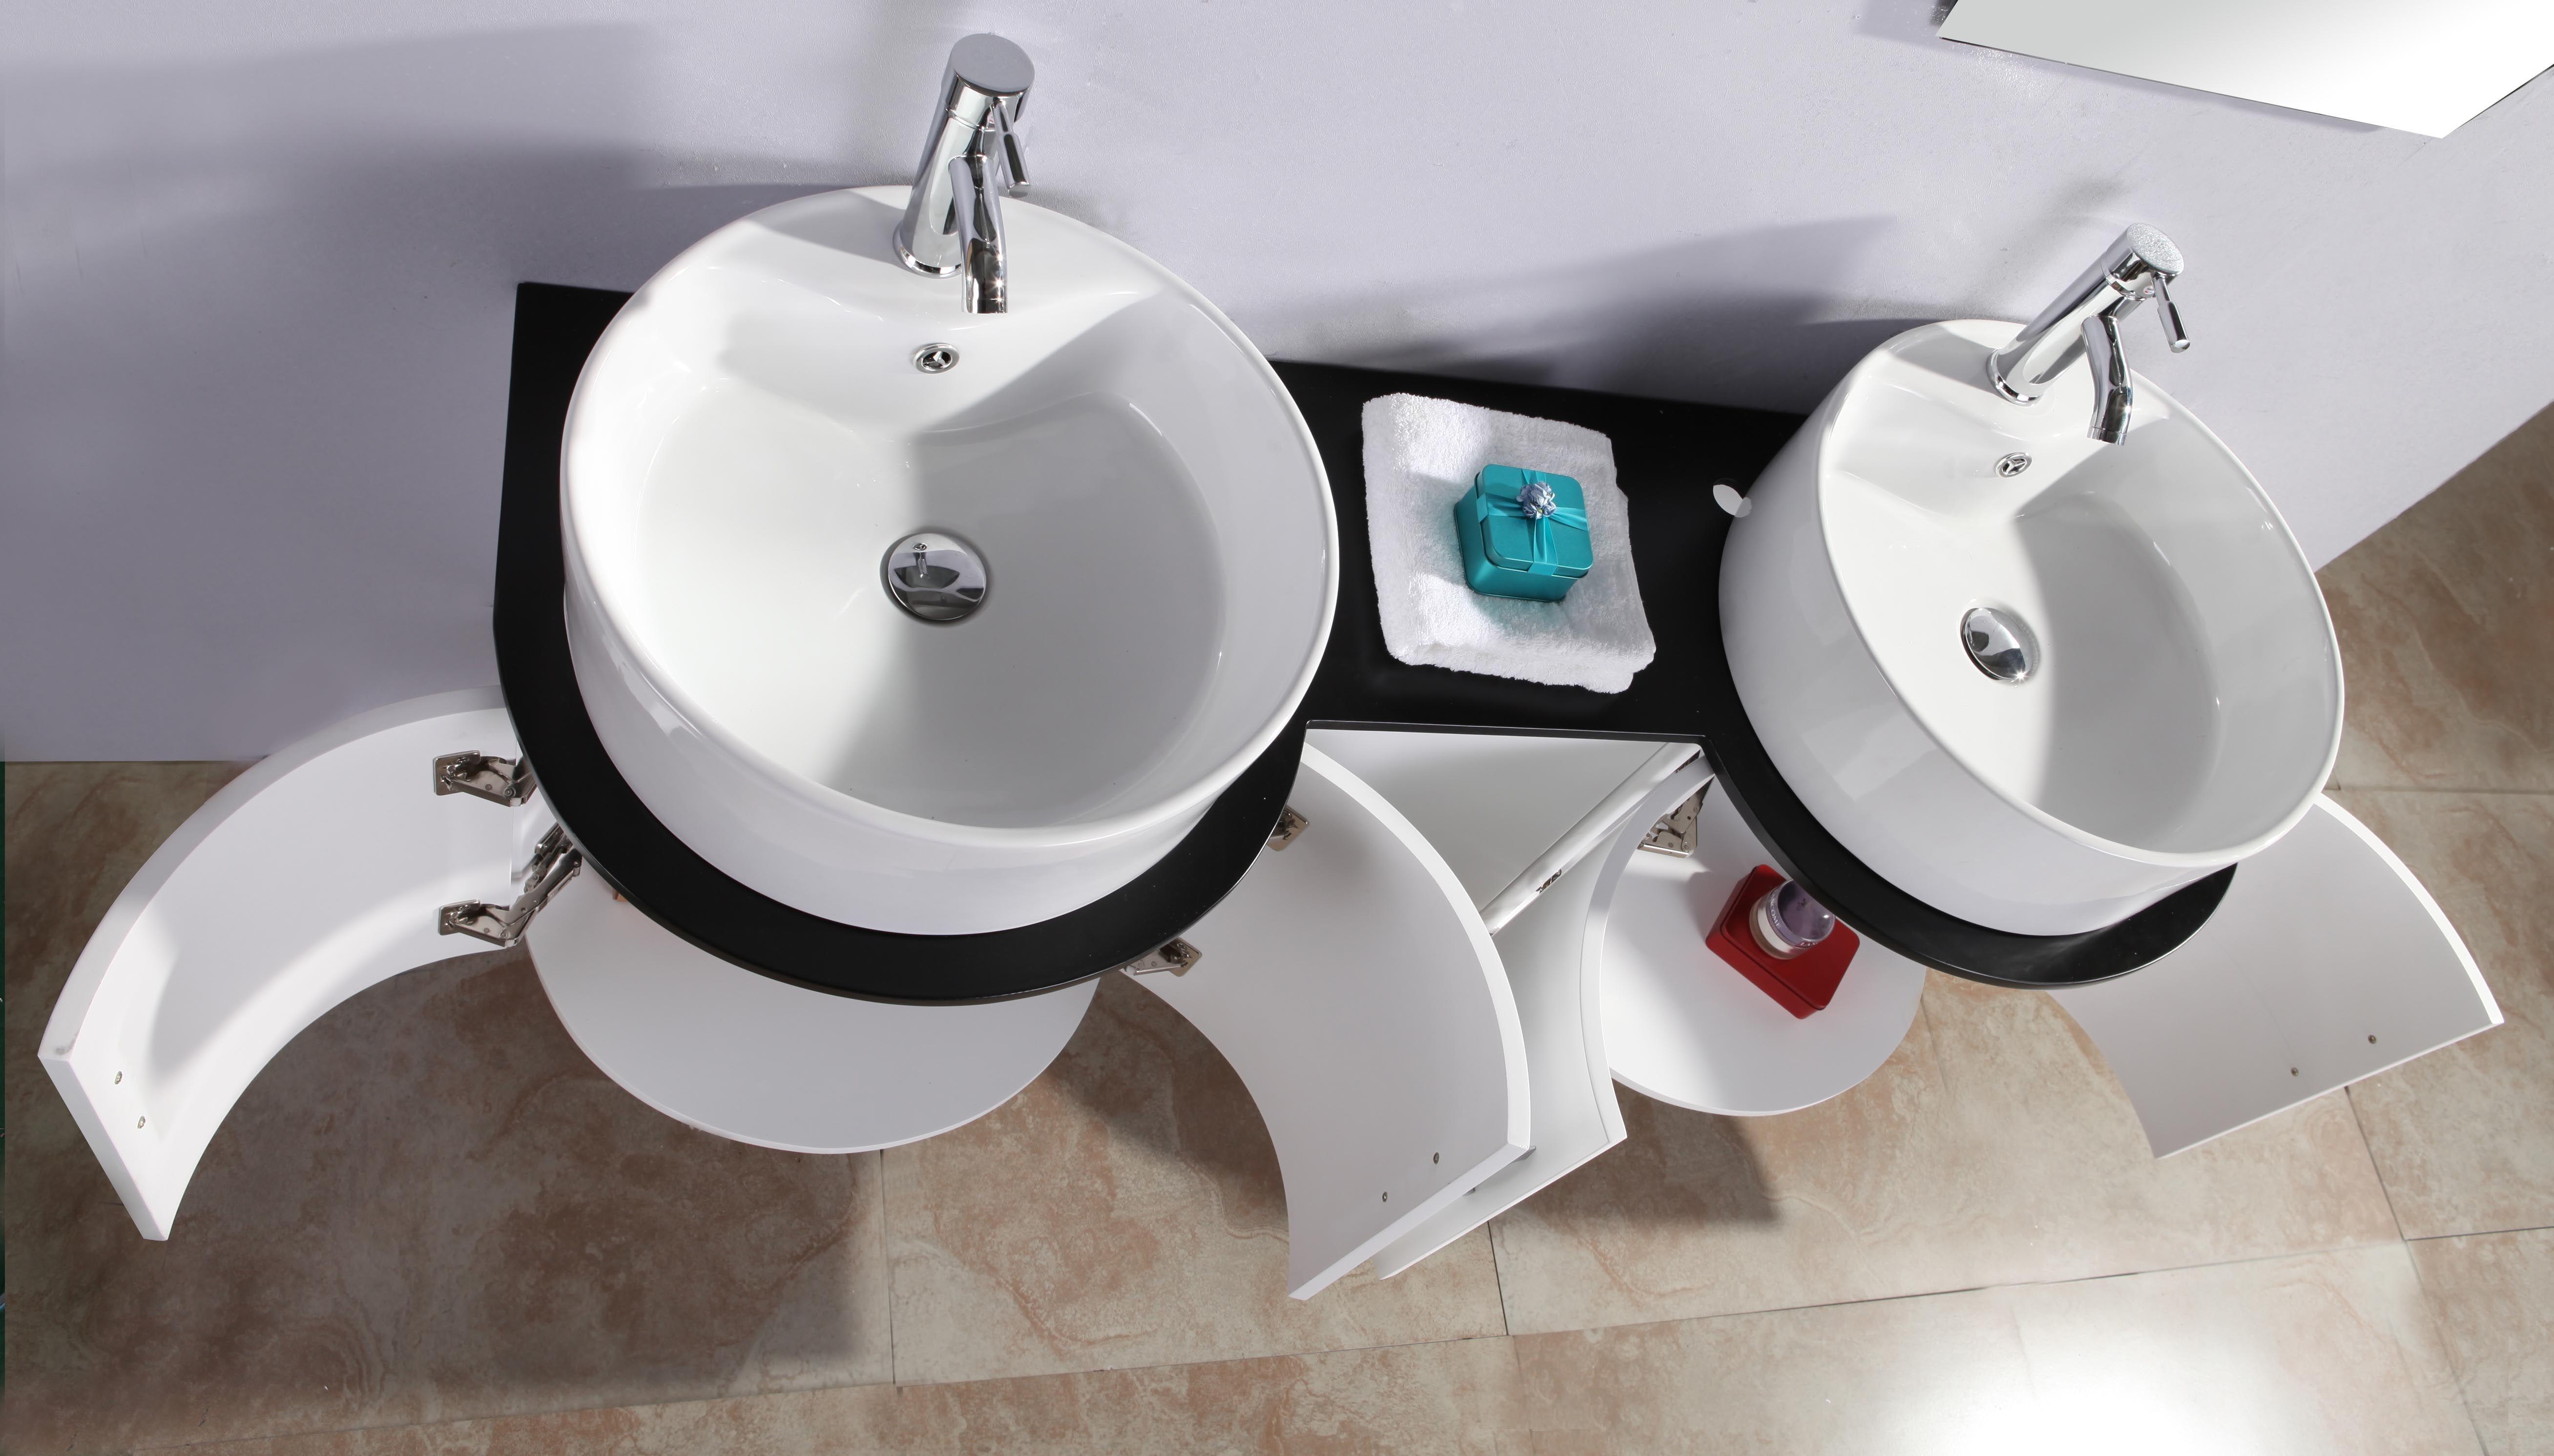 Mobiletto con specchio per bagno voffcacom terrazza - Lavandini con mobiletto ...